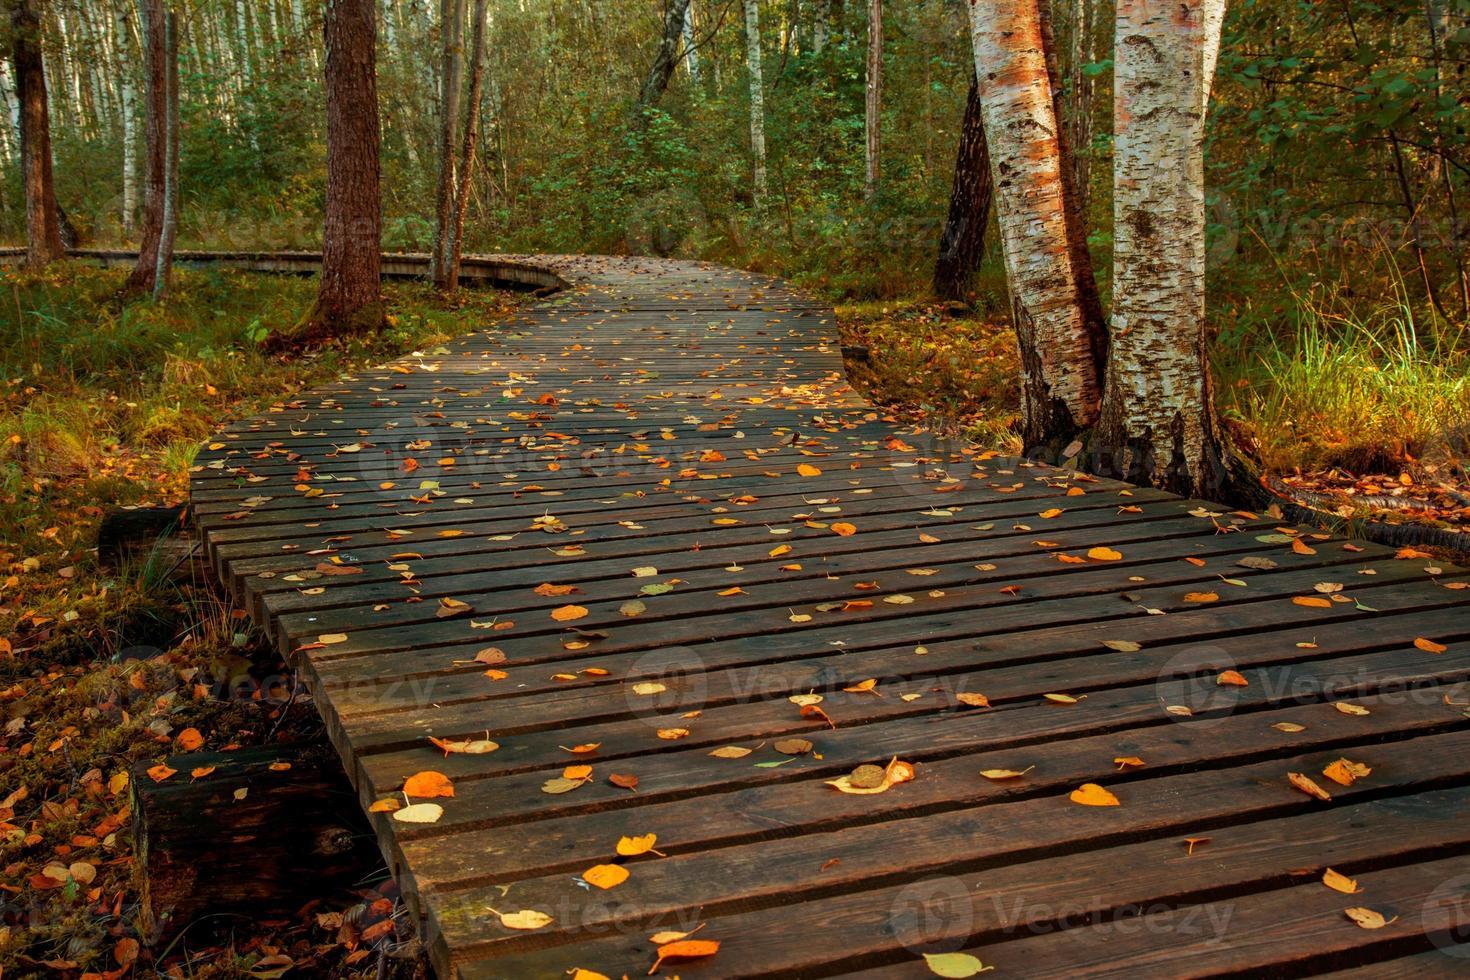 sentier d'automne photo